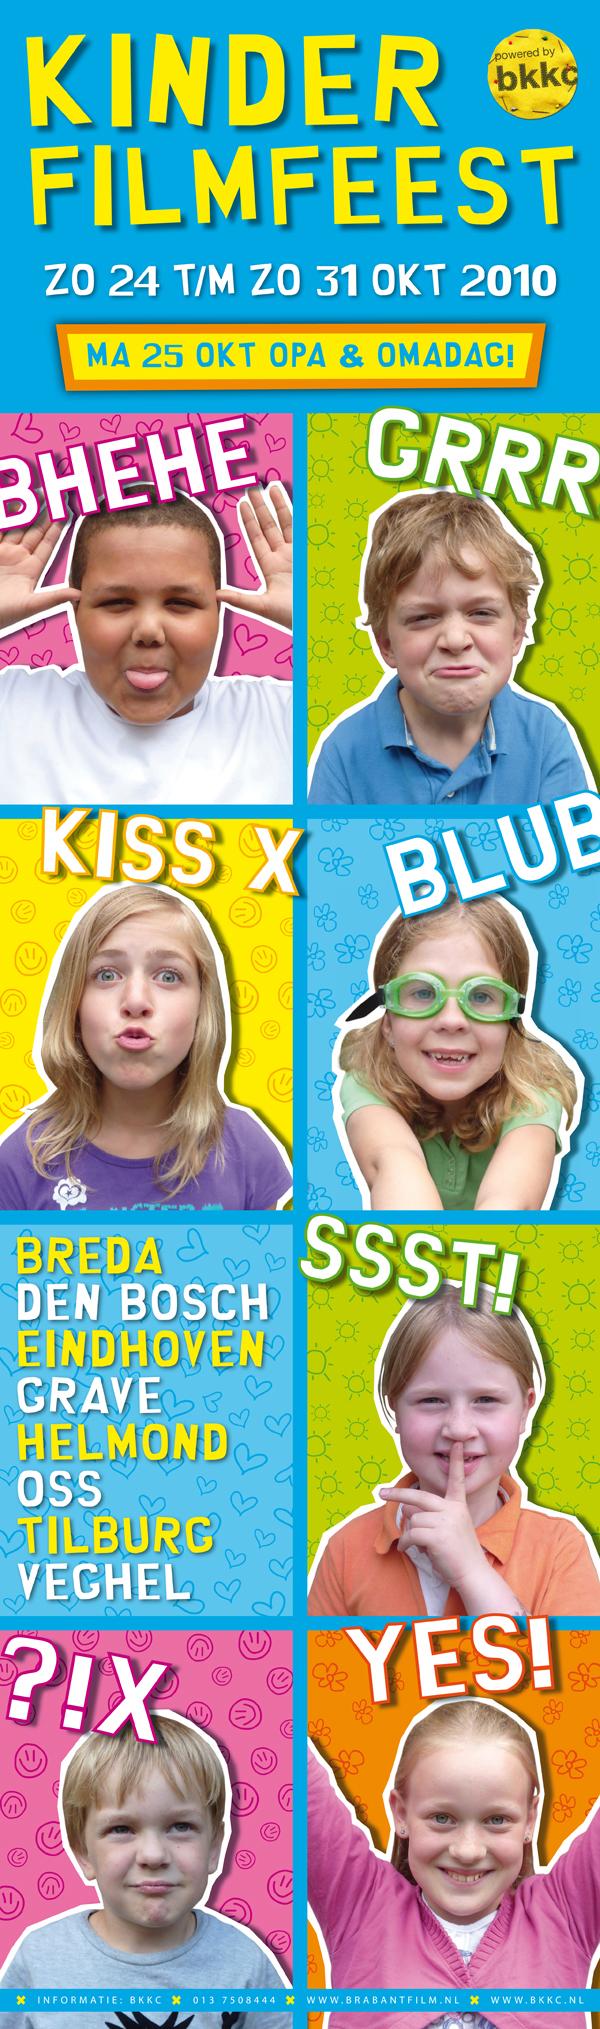 kinderfilmfeest_2010